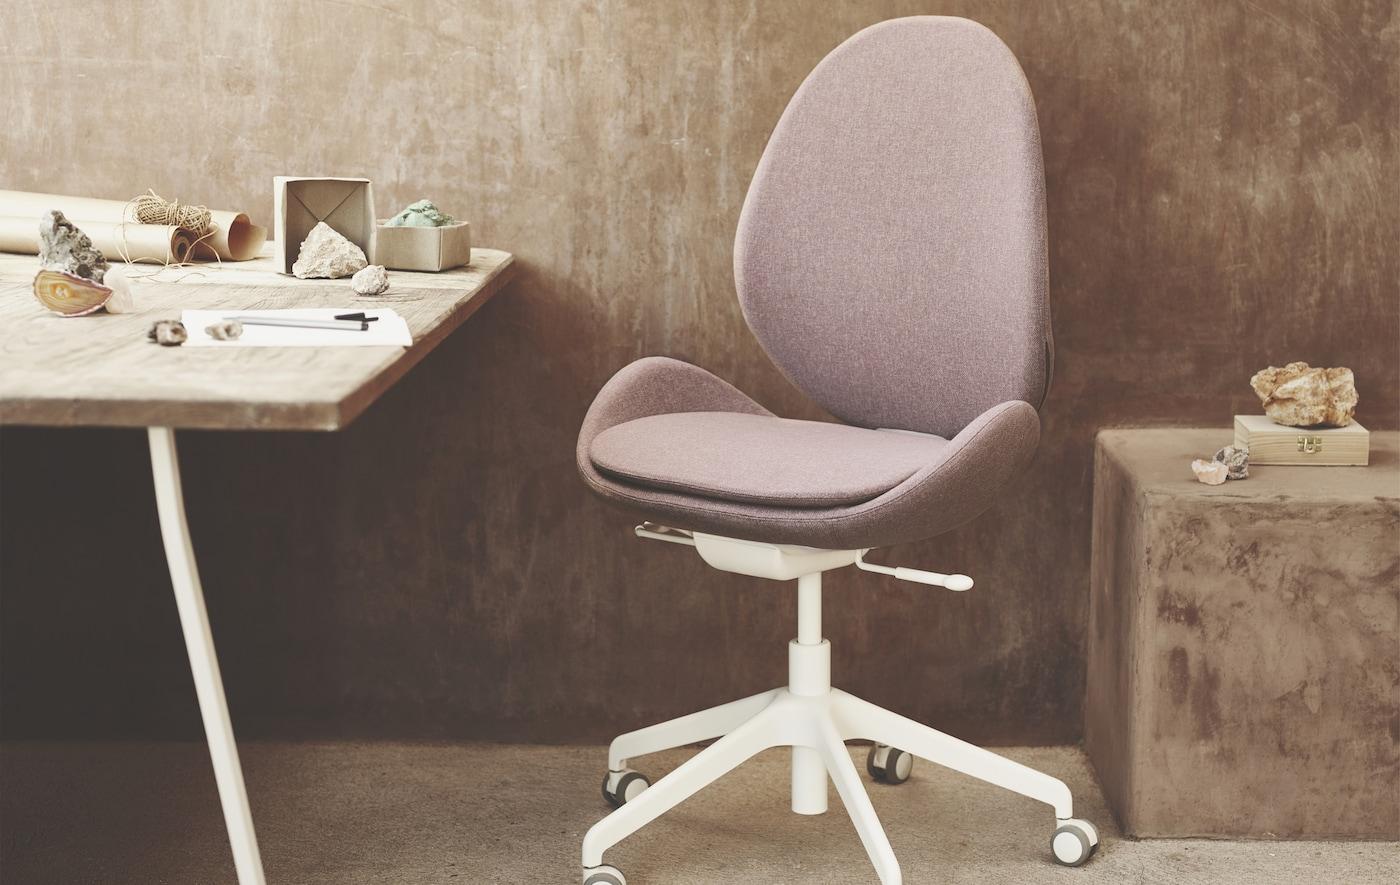 La sedia da ufficio HATTEFJÄLL in rosa e bianco in uno spazio di lavoro - IKEA